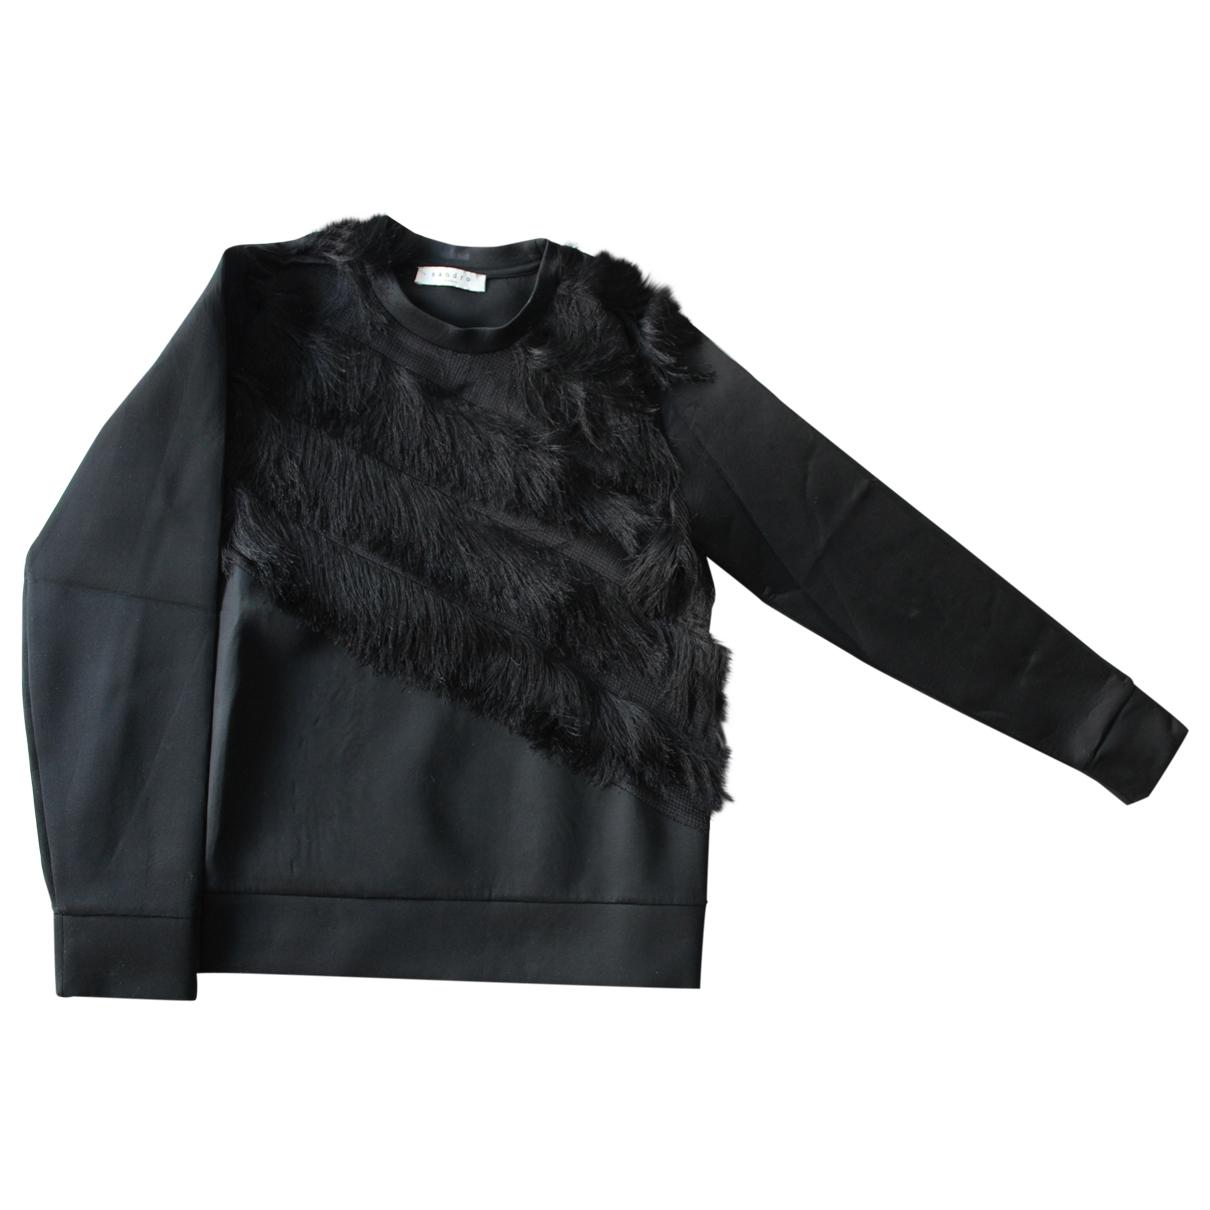 Sandro \N Black Knitwear for Women 1 0-5